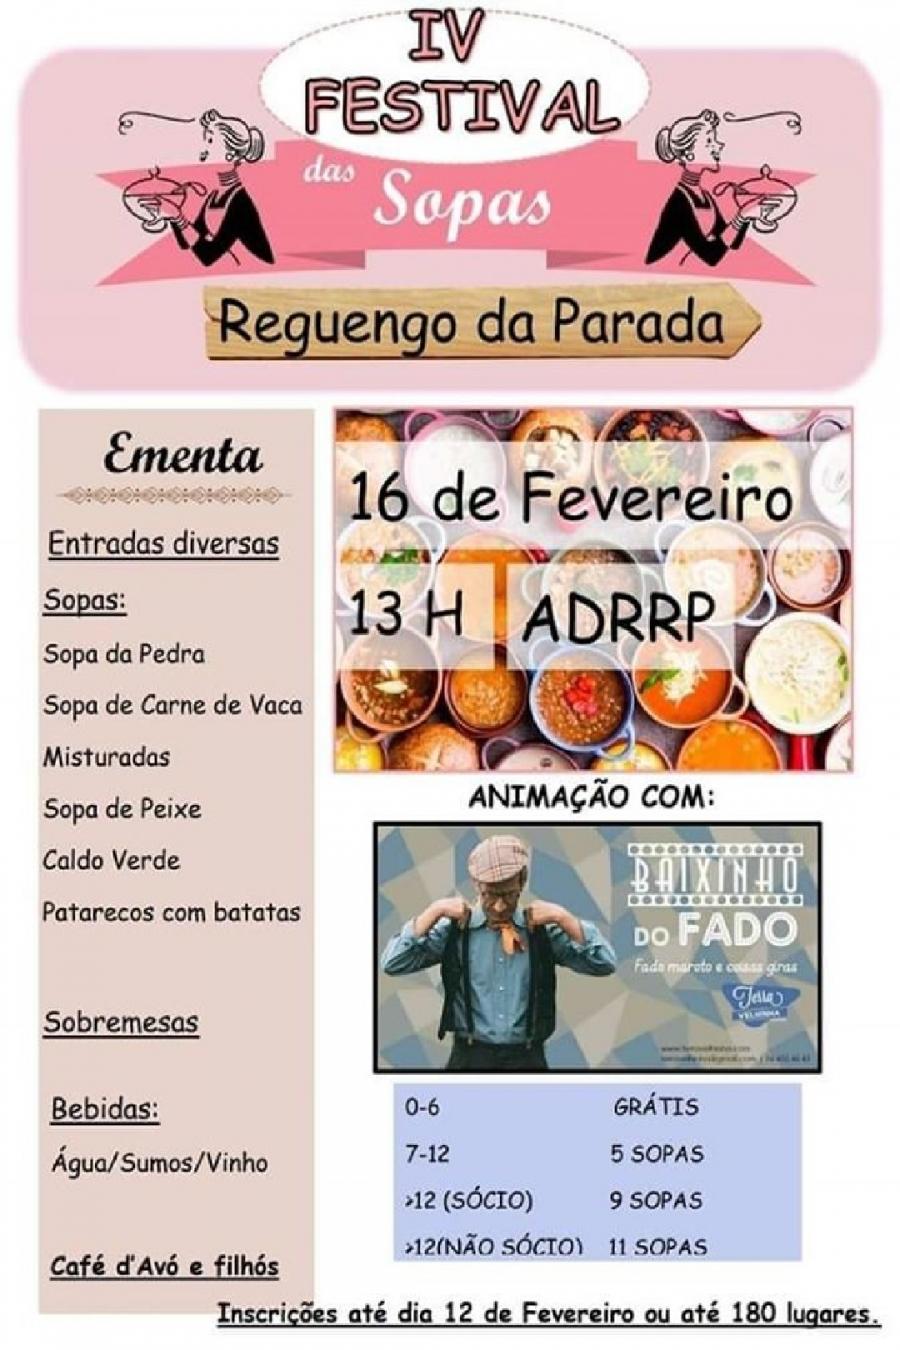 Festival das Sopas - Reguengo da Parada